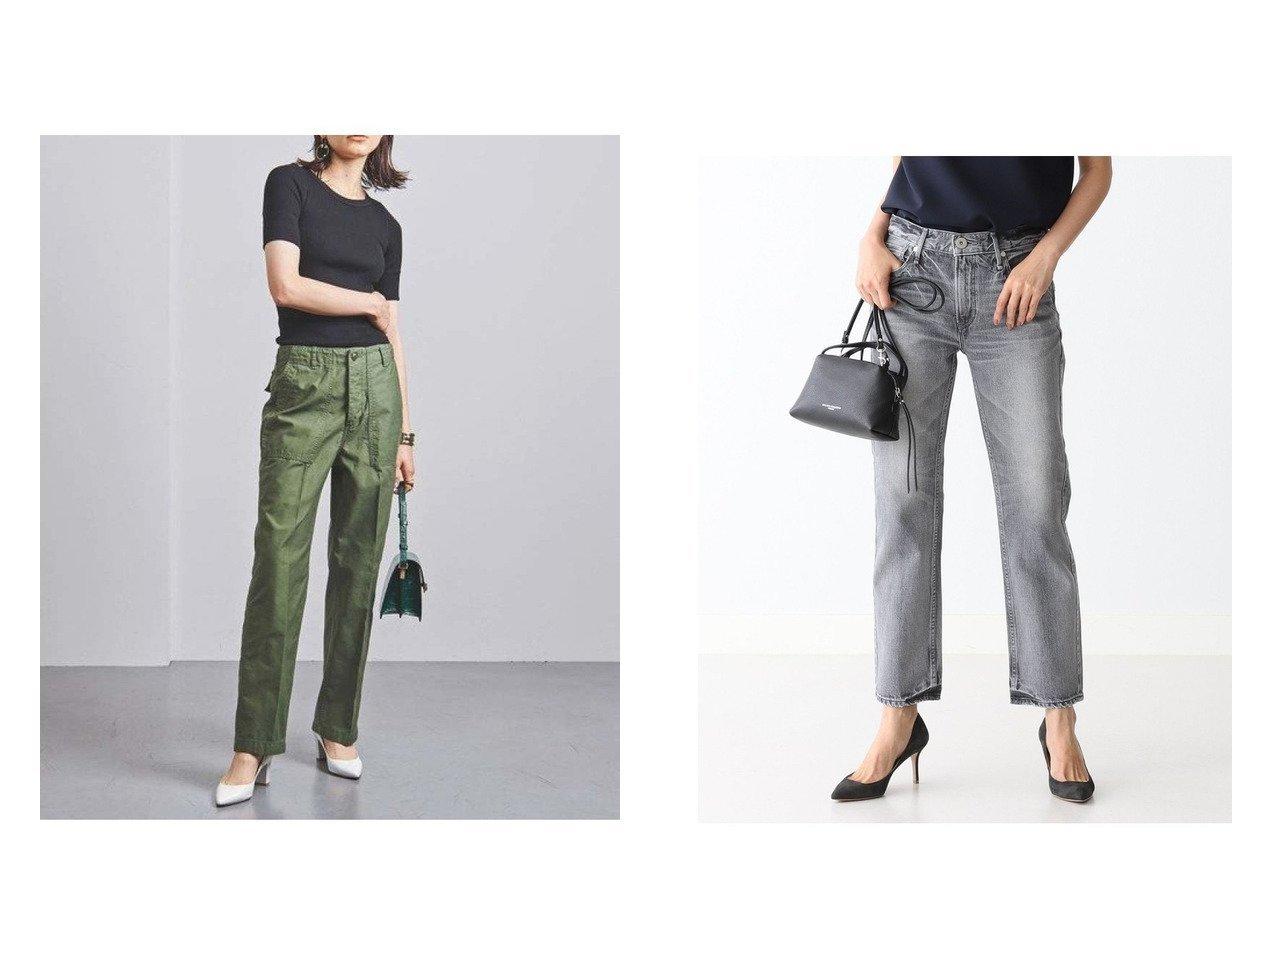 【UNITED ARROWS/ユナイテッドアローズ】のUWSC ベイカーパンツ†&【Demi-Luxe BEAMS/デミルクス ビームス】のTHE LIPSTICK デニムパンツ パンツのおすすめ!人気、トレンド・レディースファッションの通販 おすすめで人気の流行・トレンド、ファッションの通販商品 メンズファッション・キッズファッション・インテリア・家具・レディースファッション・服の通販 founy(ファニー) https://founy.com/ ファッション Fashion レディースファッション WOMEN パンツ Pants デニムパンツ Denim Pants ジーンズ スニーカー センター リラックス デニム パターン フィット  ID:crp329100000016051